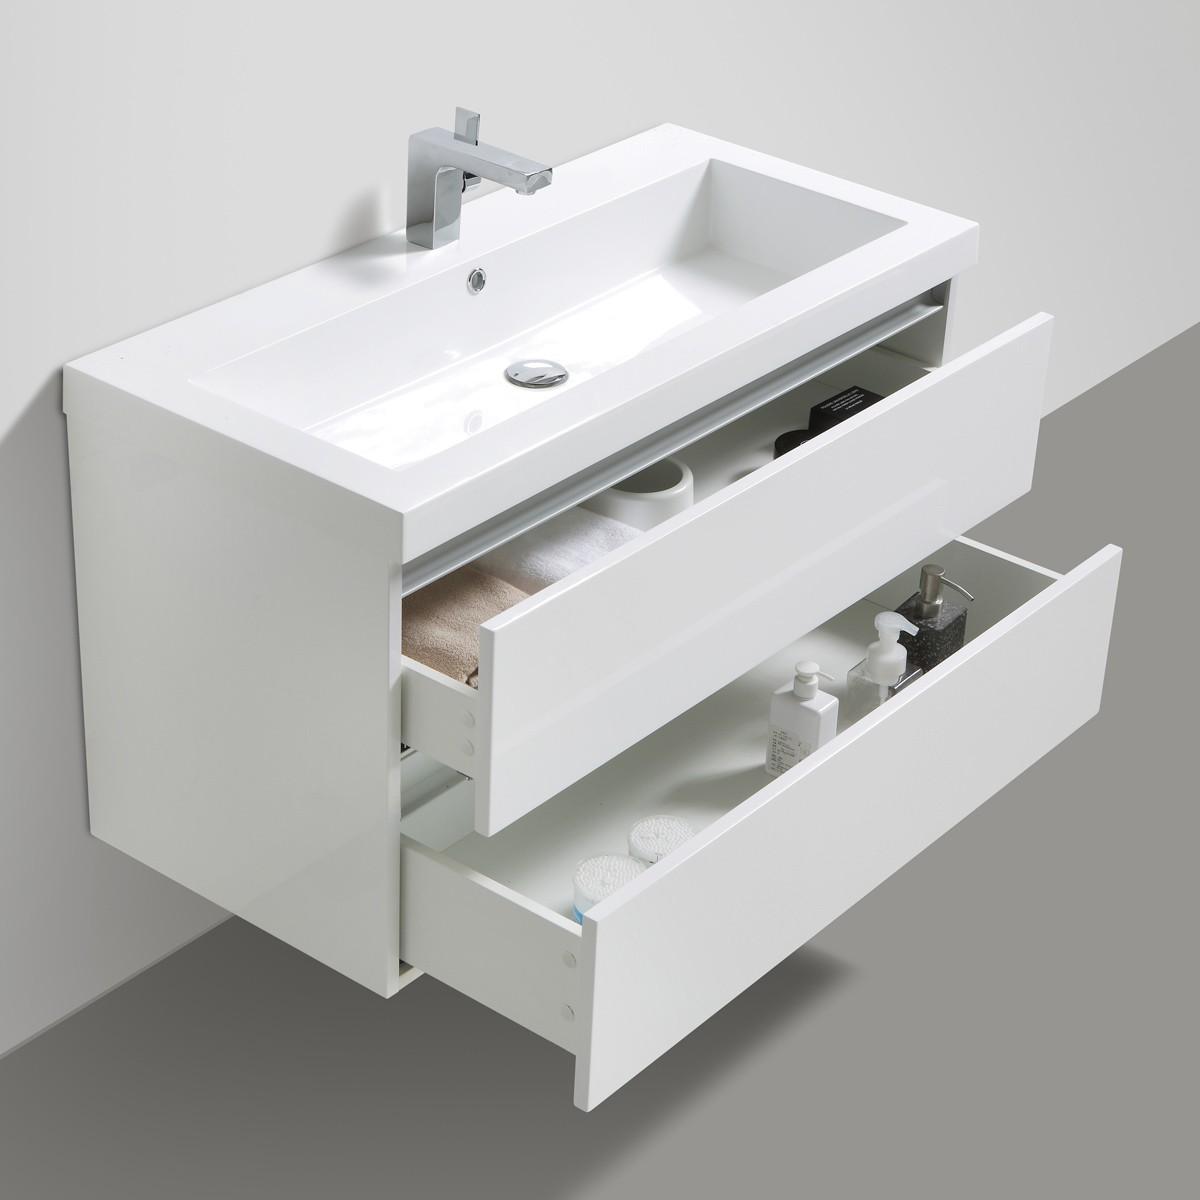 waschtischunterschrank mit waschbecken burgbad chiaro. Black Bedroom Furniture Sets. Home Design Ideas